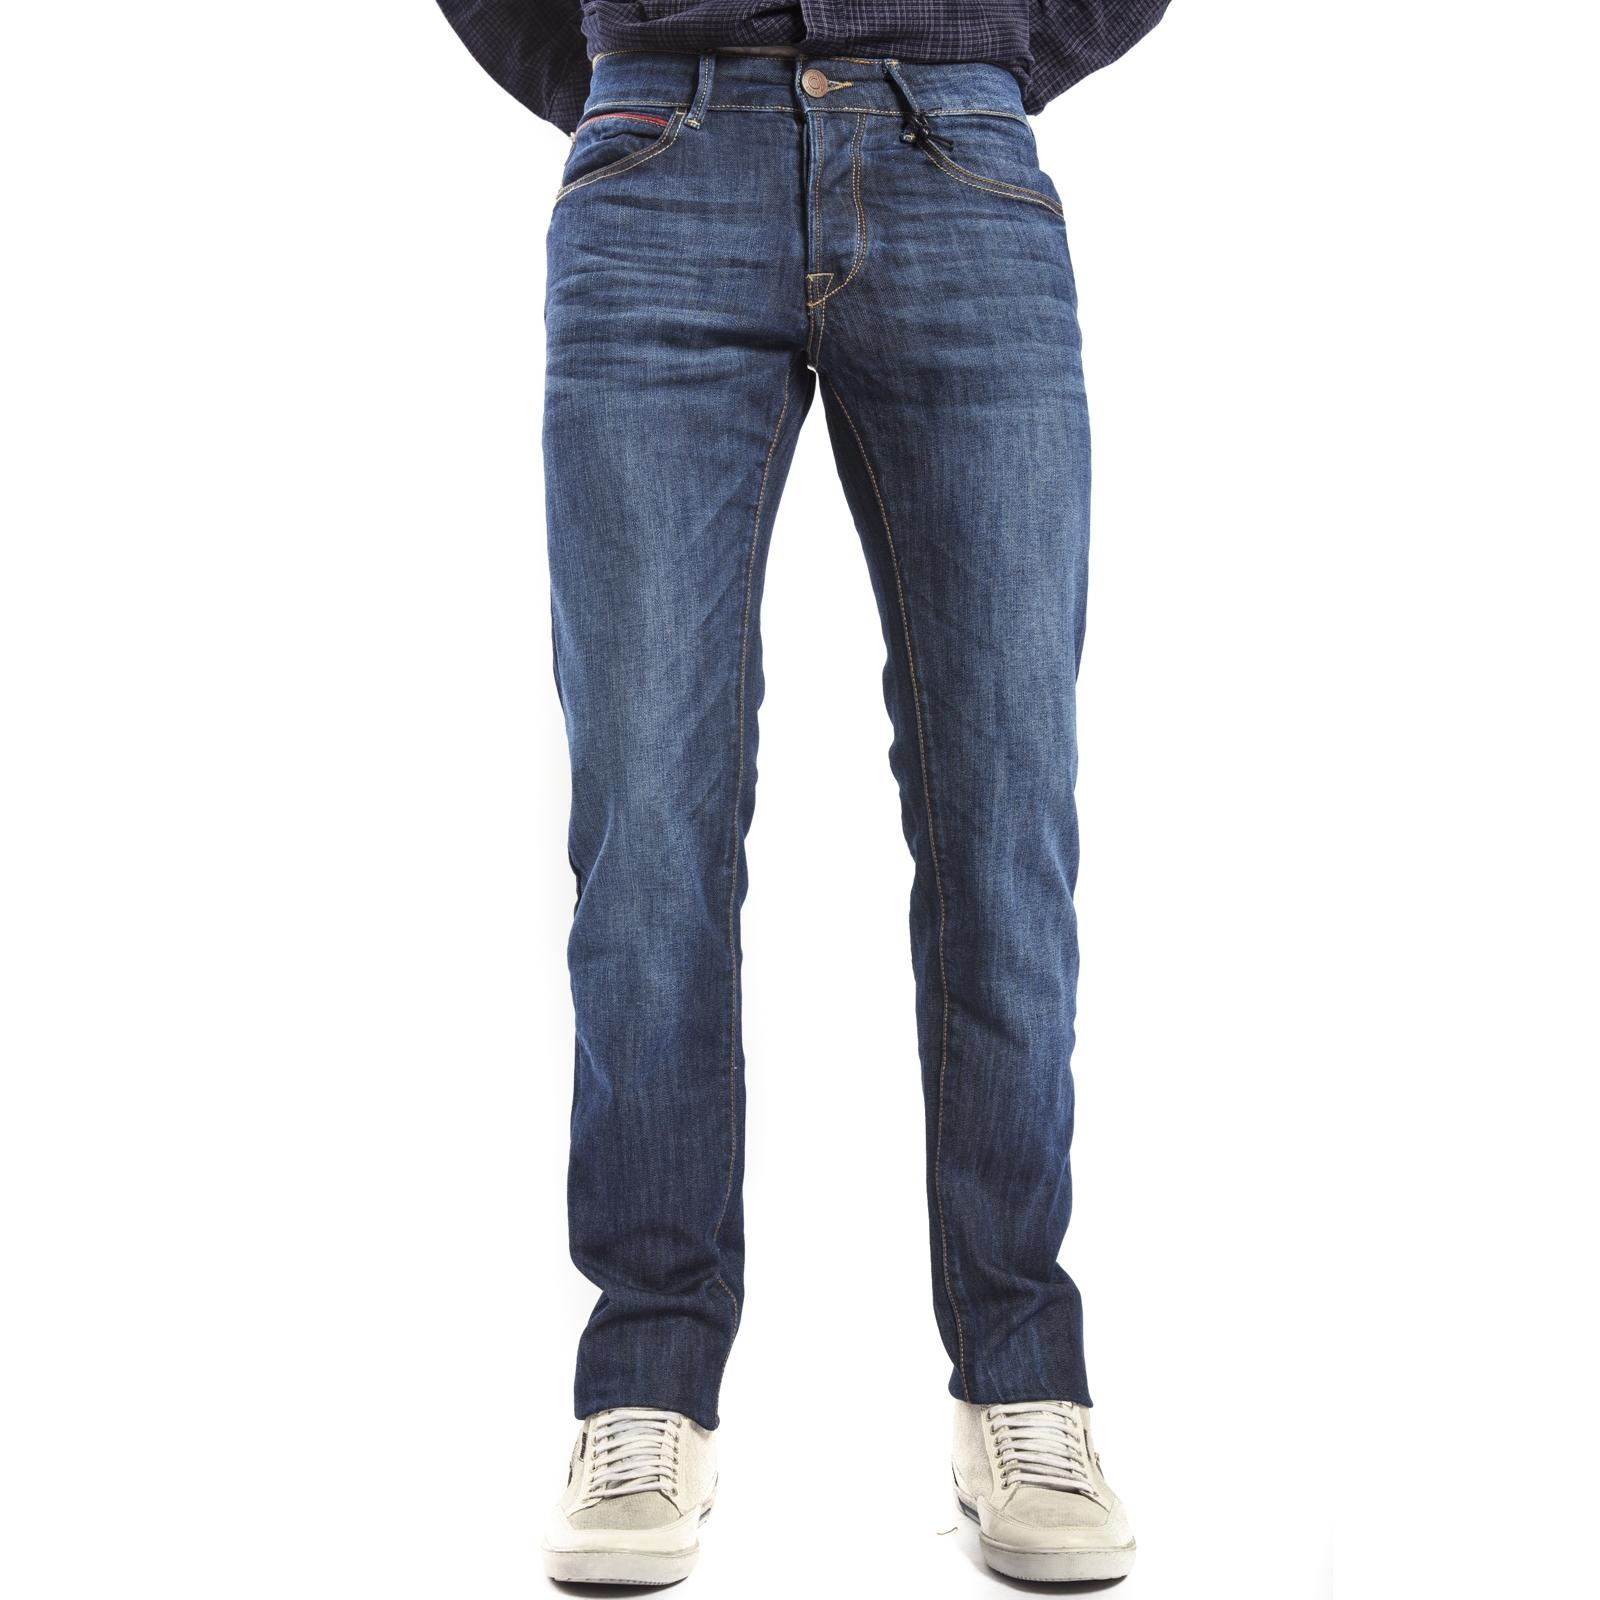 Denim Gaudi With Dark Jeans Buttons 52bu26028 eW29IHEDY